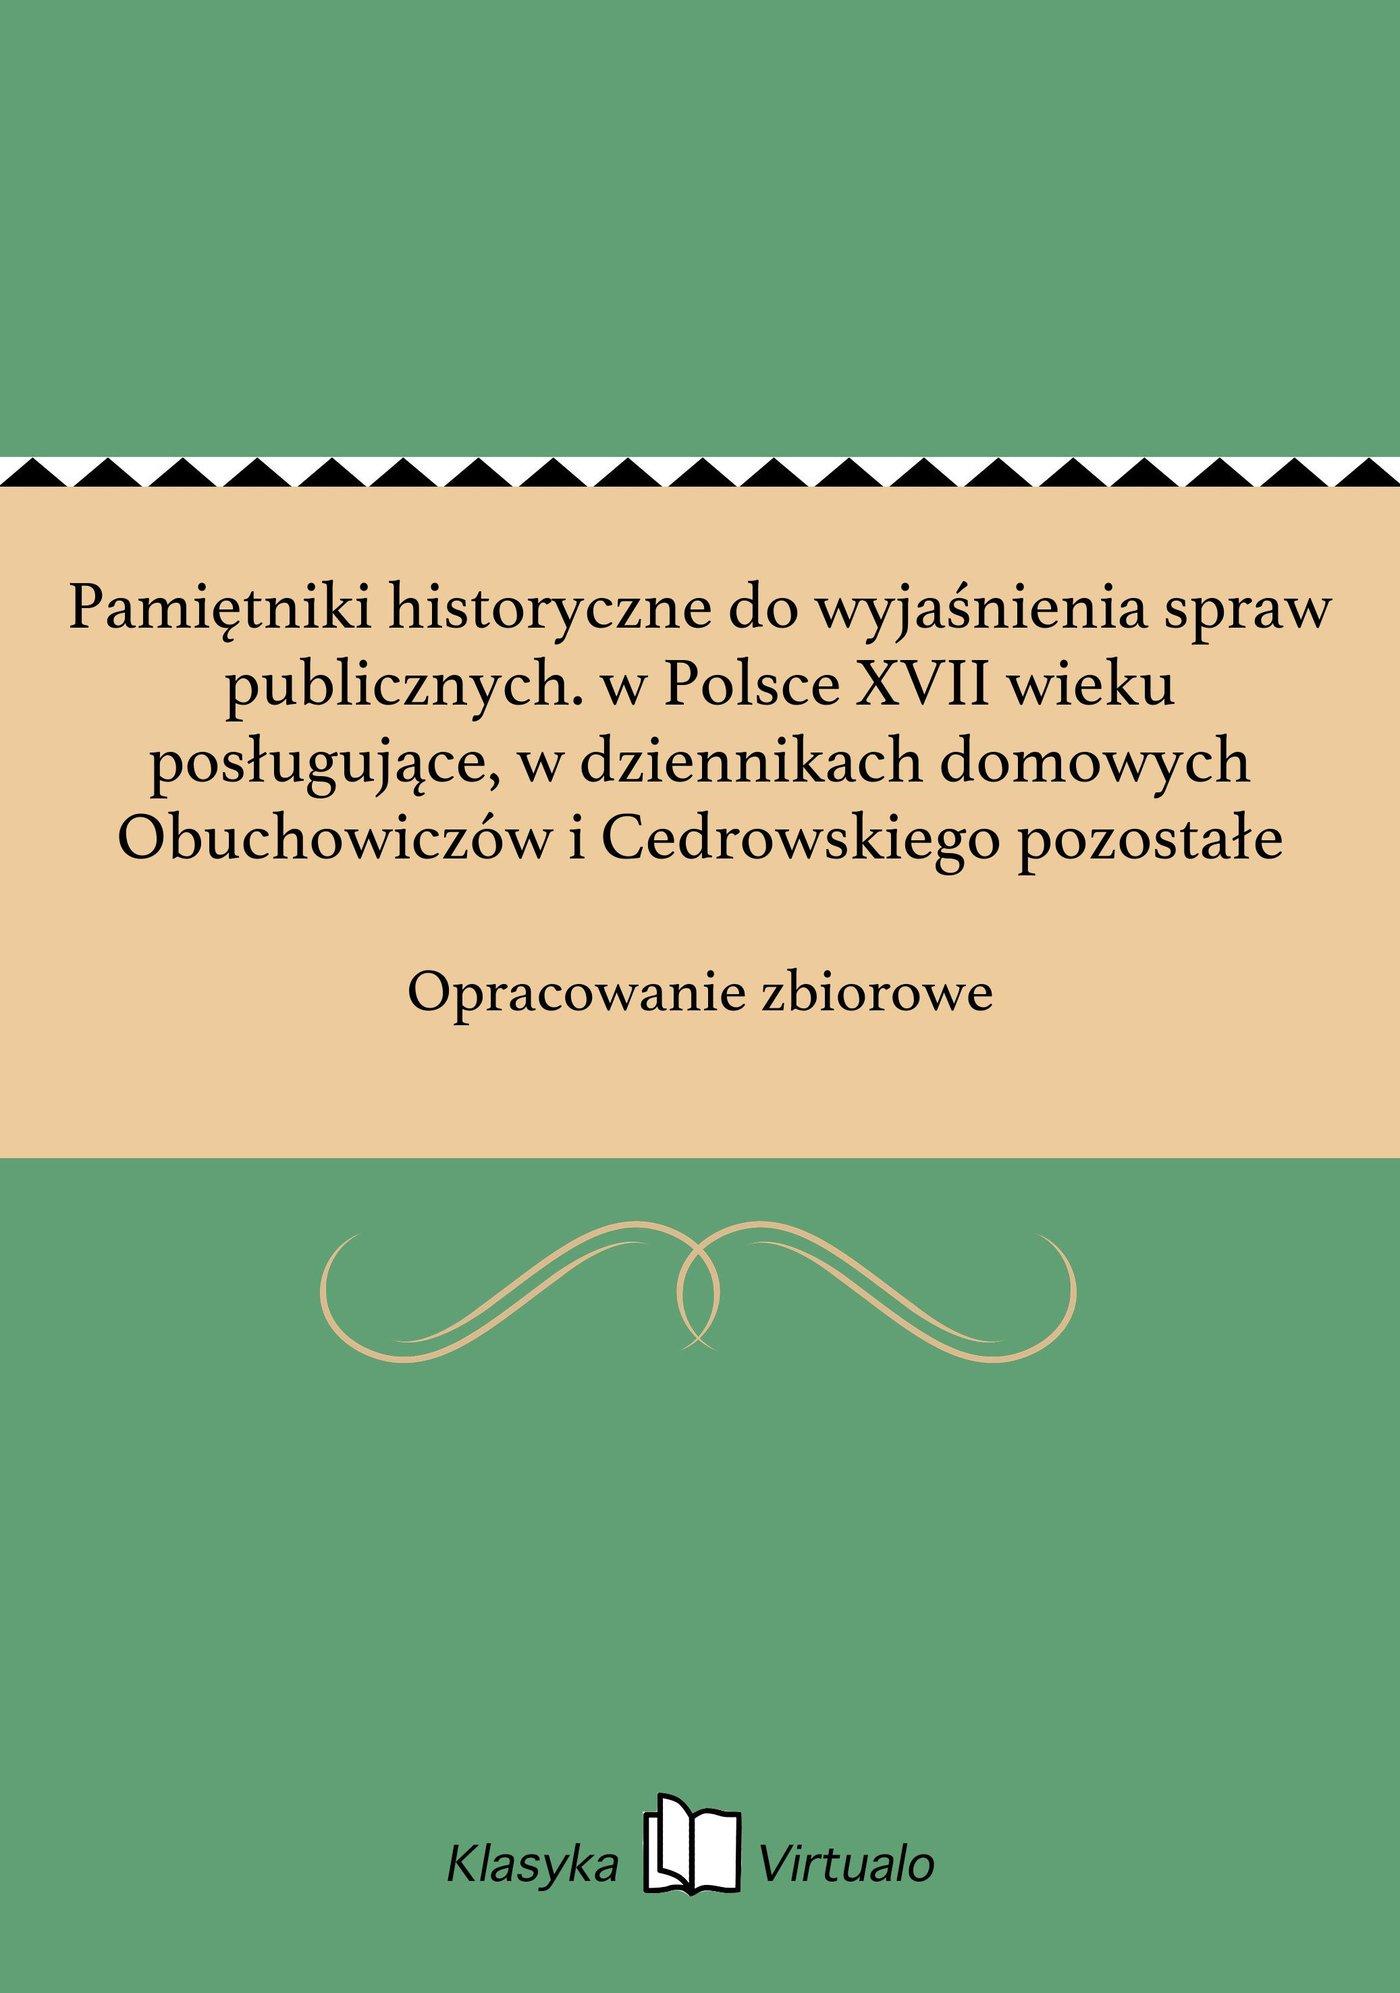 Pamiętniki historyczne do wyjaśnienia spraw publicznych. w Polsce XVII wieku posługujące, w dziennikach domowych Obuchowiczów i Cedrowskiego pozostałe - Ebook (Książka EPUB) do pobrania w formacie EPUB